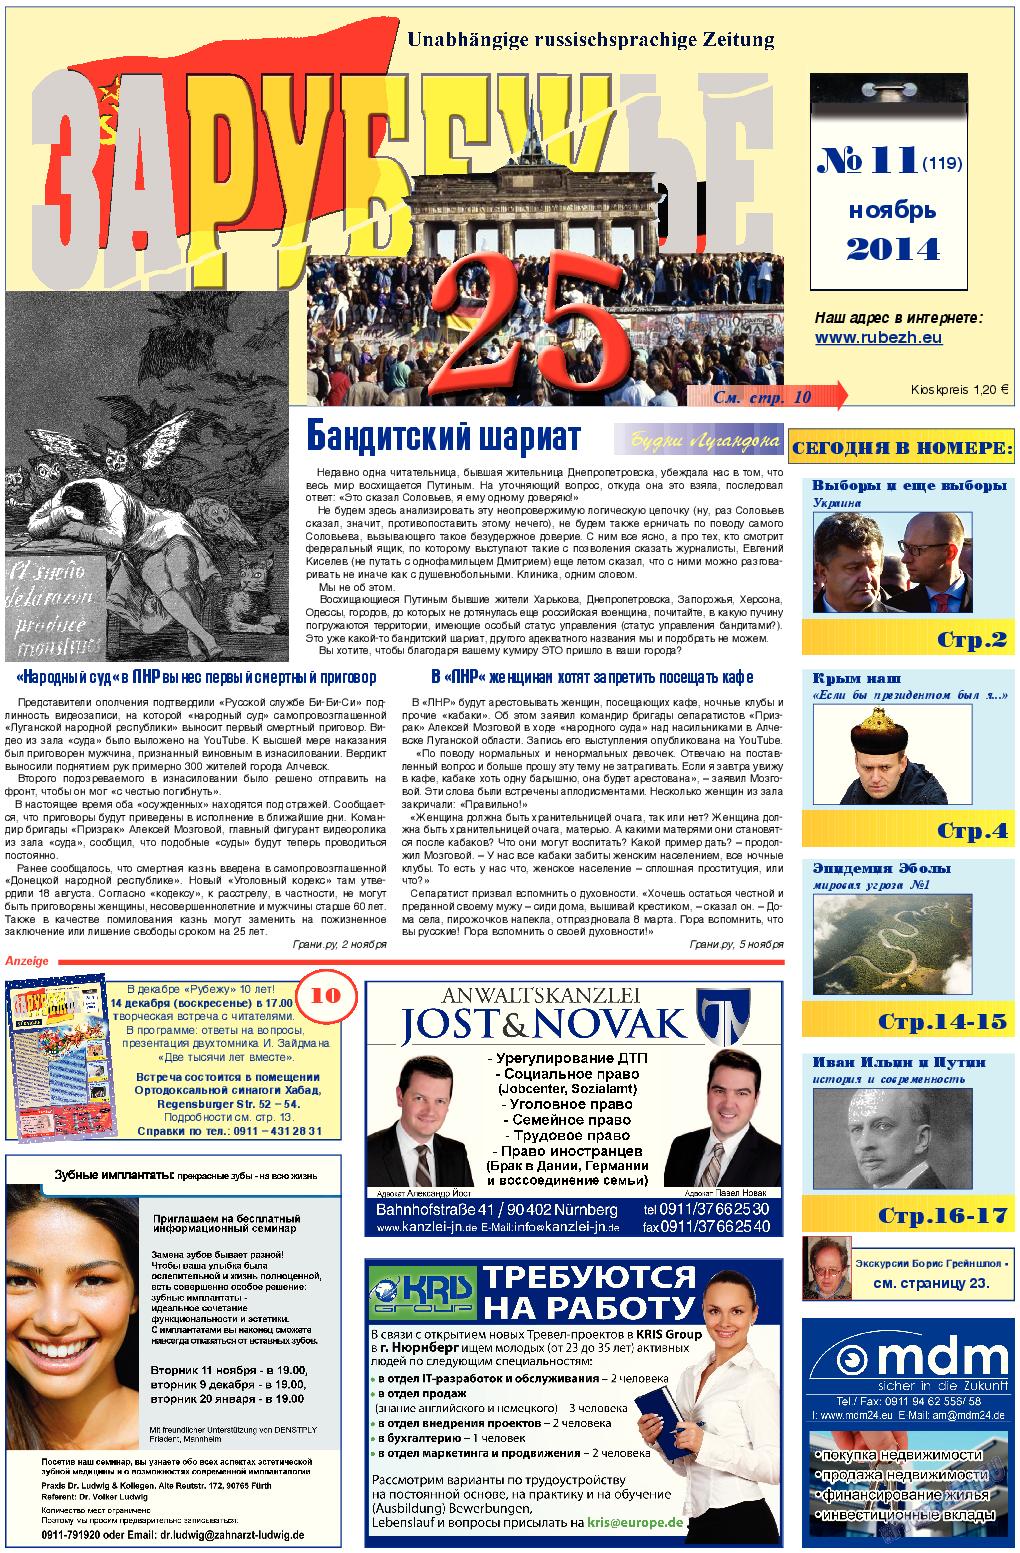 Рубеж (газета). 2014 год, номер 11, стр. 1